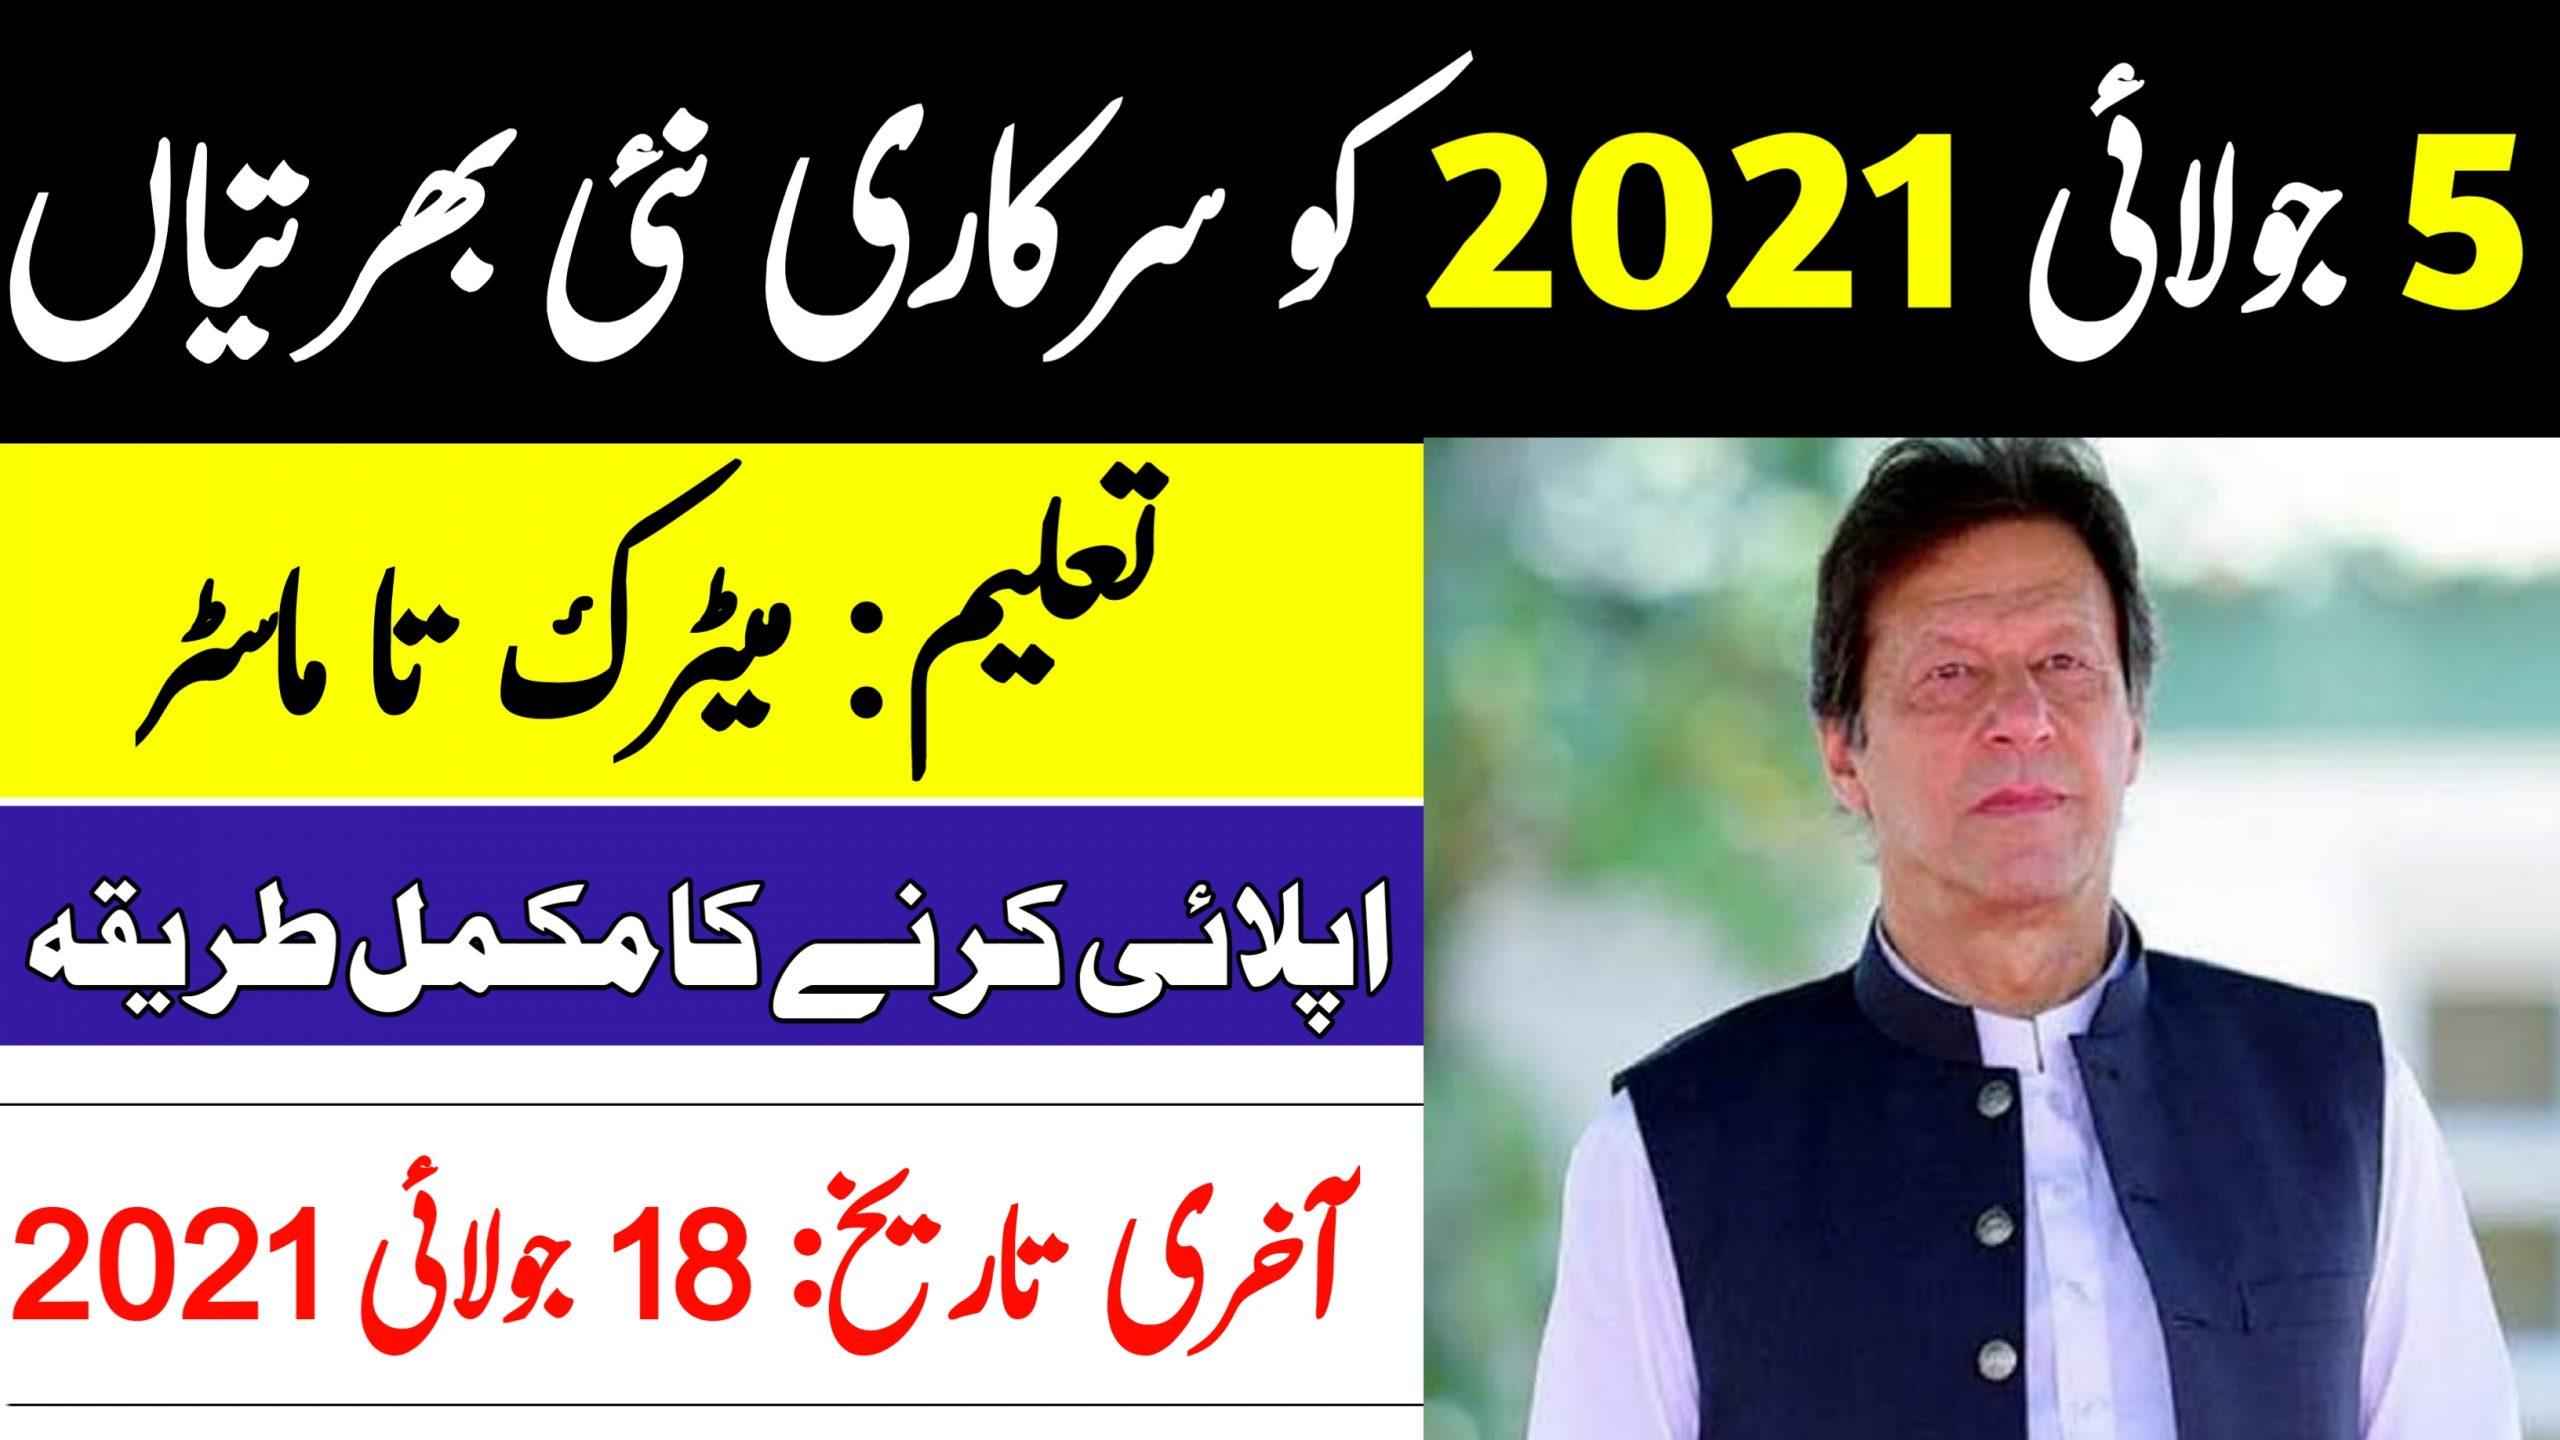 latest jobs in pakistan 2021   new jobs 2021 in pakistan